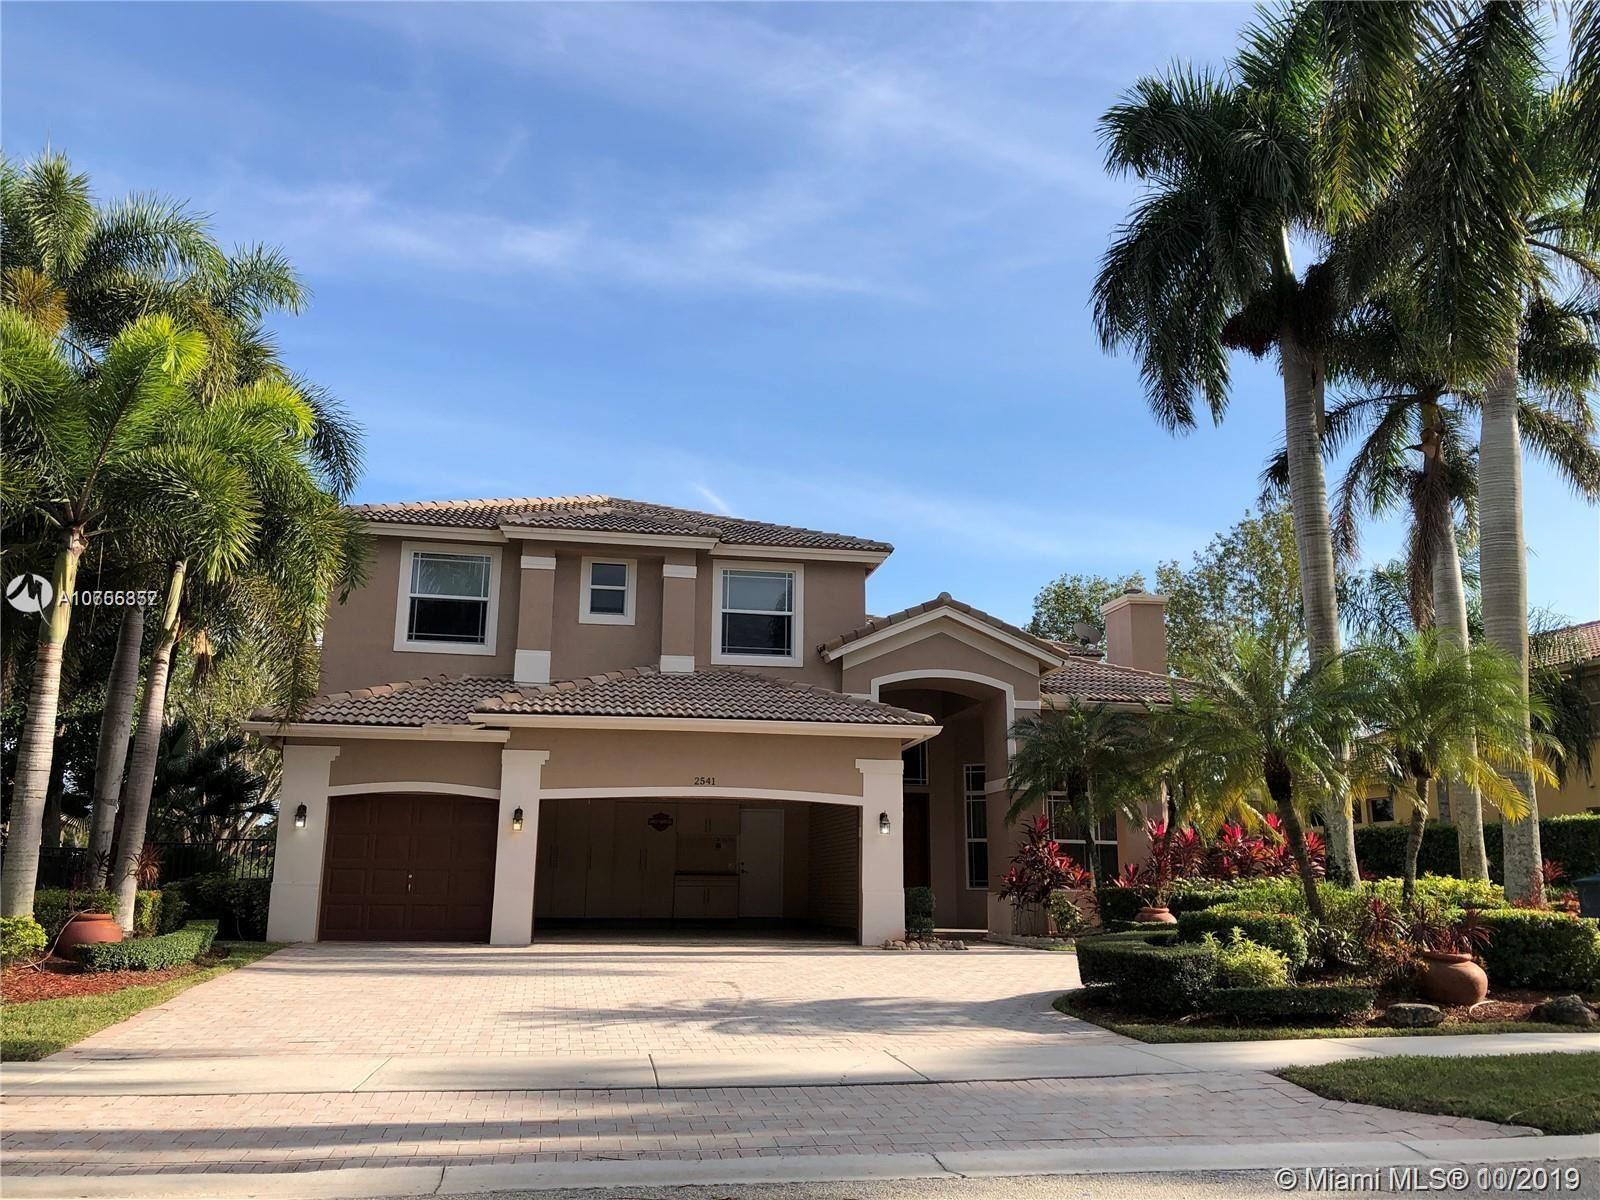 2541 Montclaire Cir, Weston, FL 33327 - MLS#: A10755357